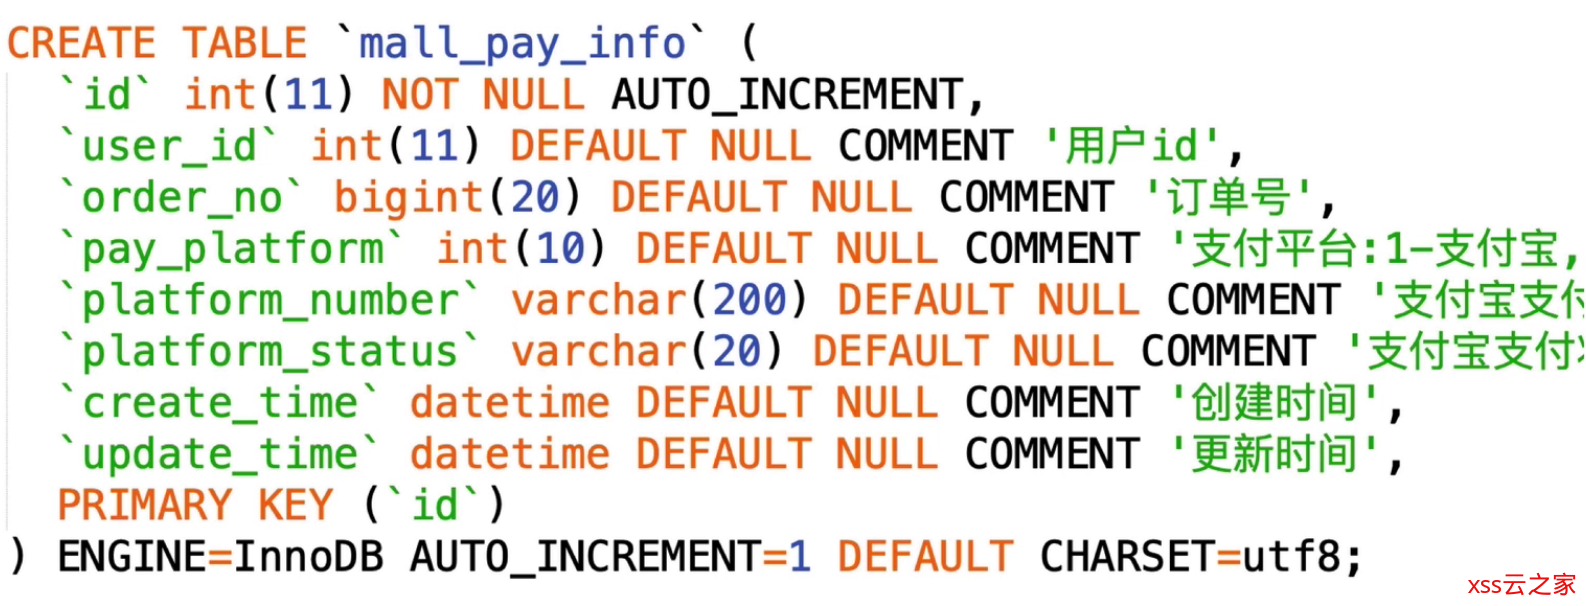 Java电商支付系统手把手实现(二) - 数据库表设计的最佳实践